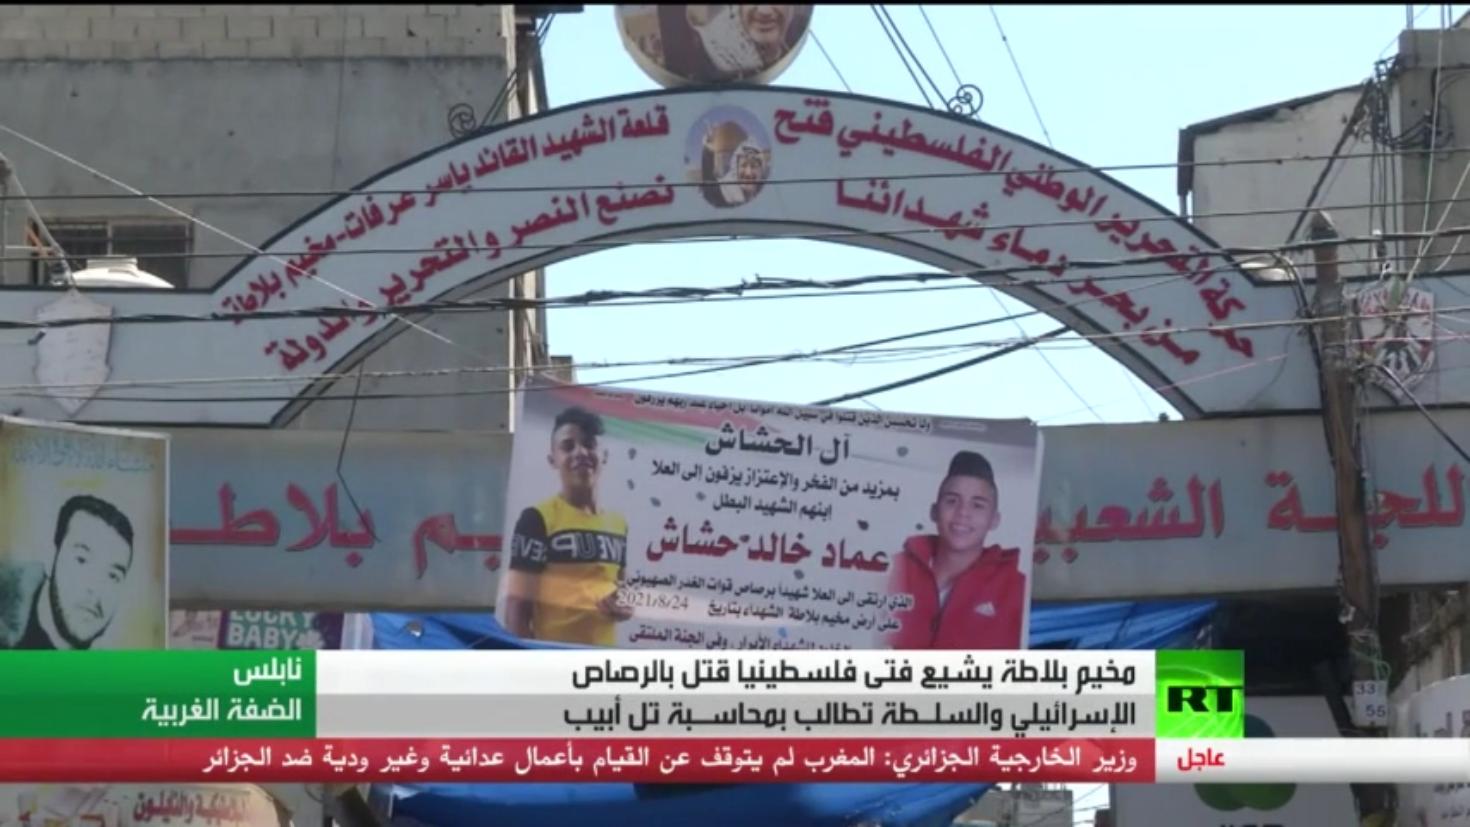 مقتل فتى فلسطيني بمخيم بلاطة بالضفة الغربية